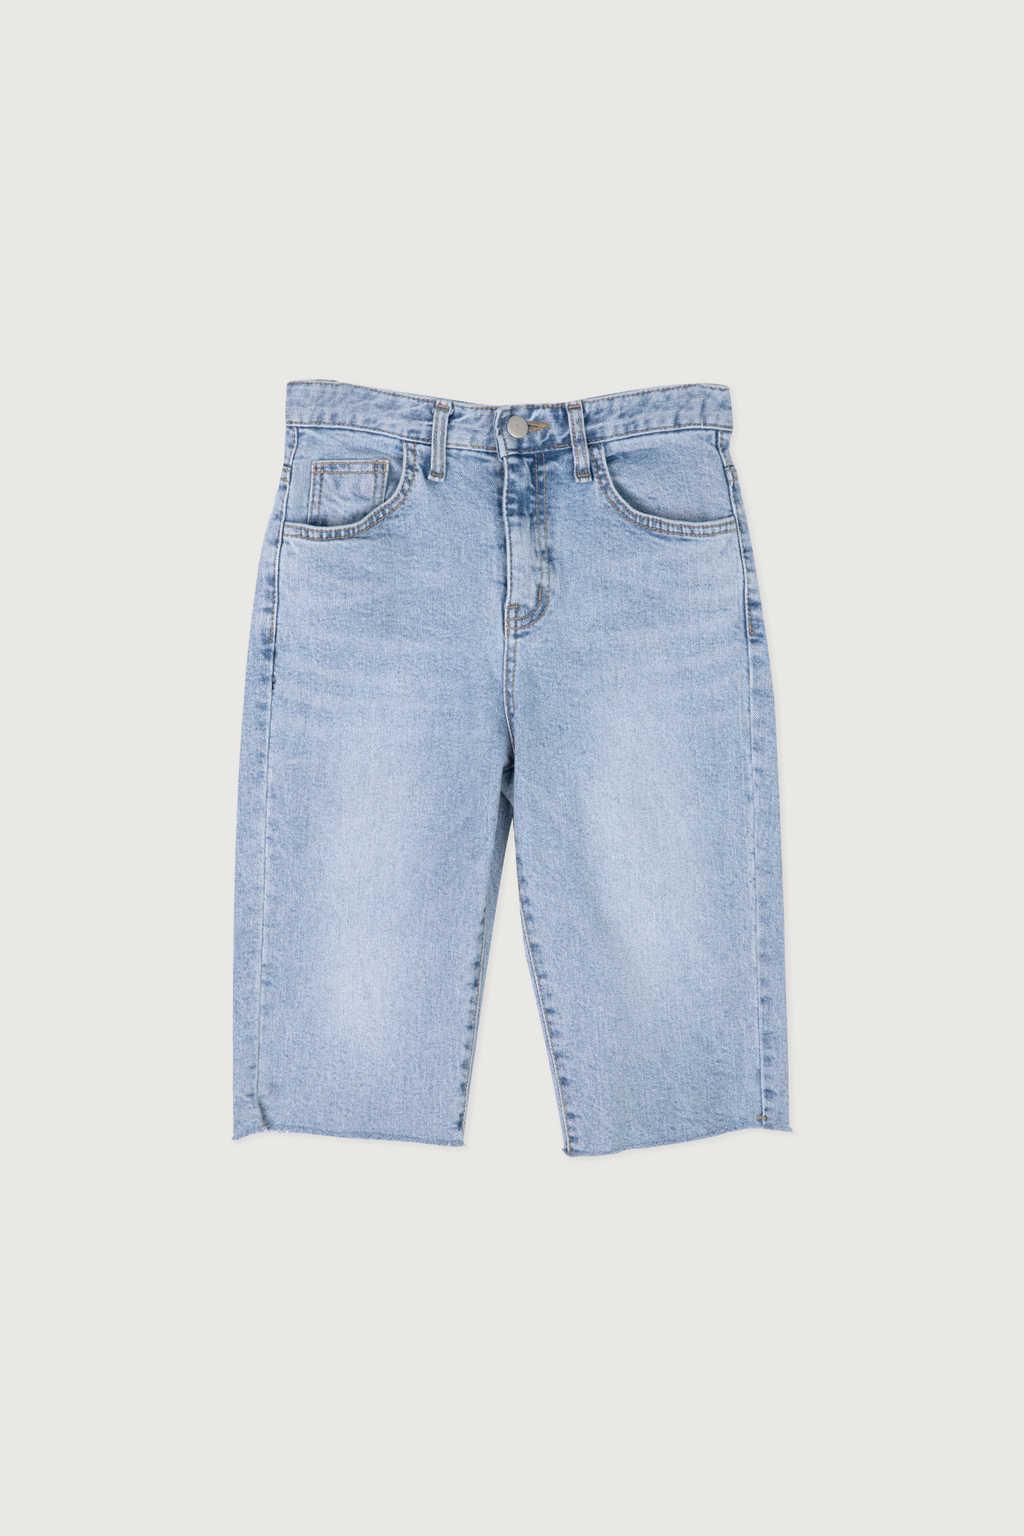 Short K001 Blue 5